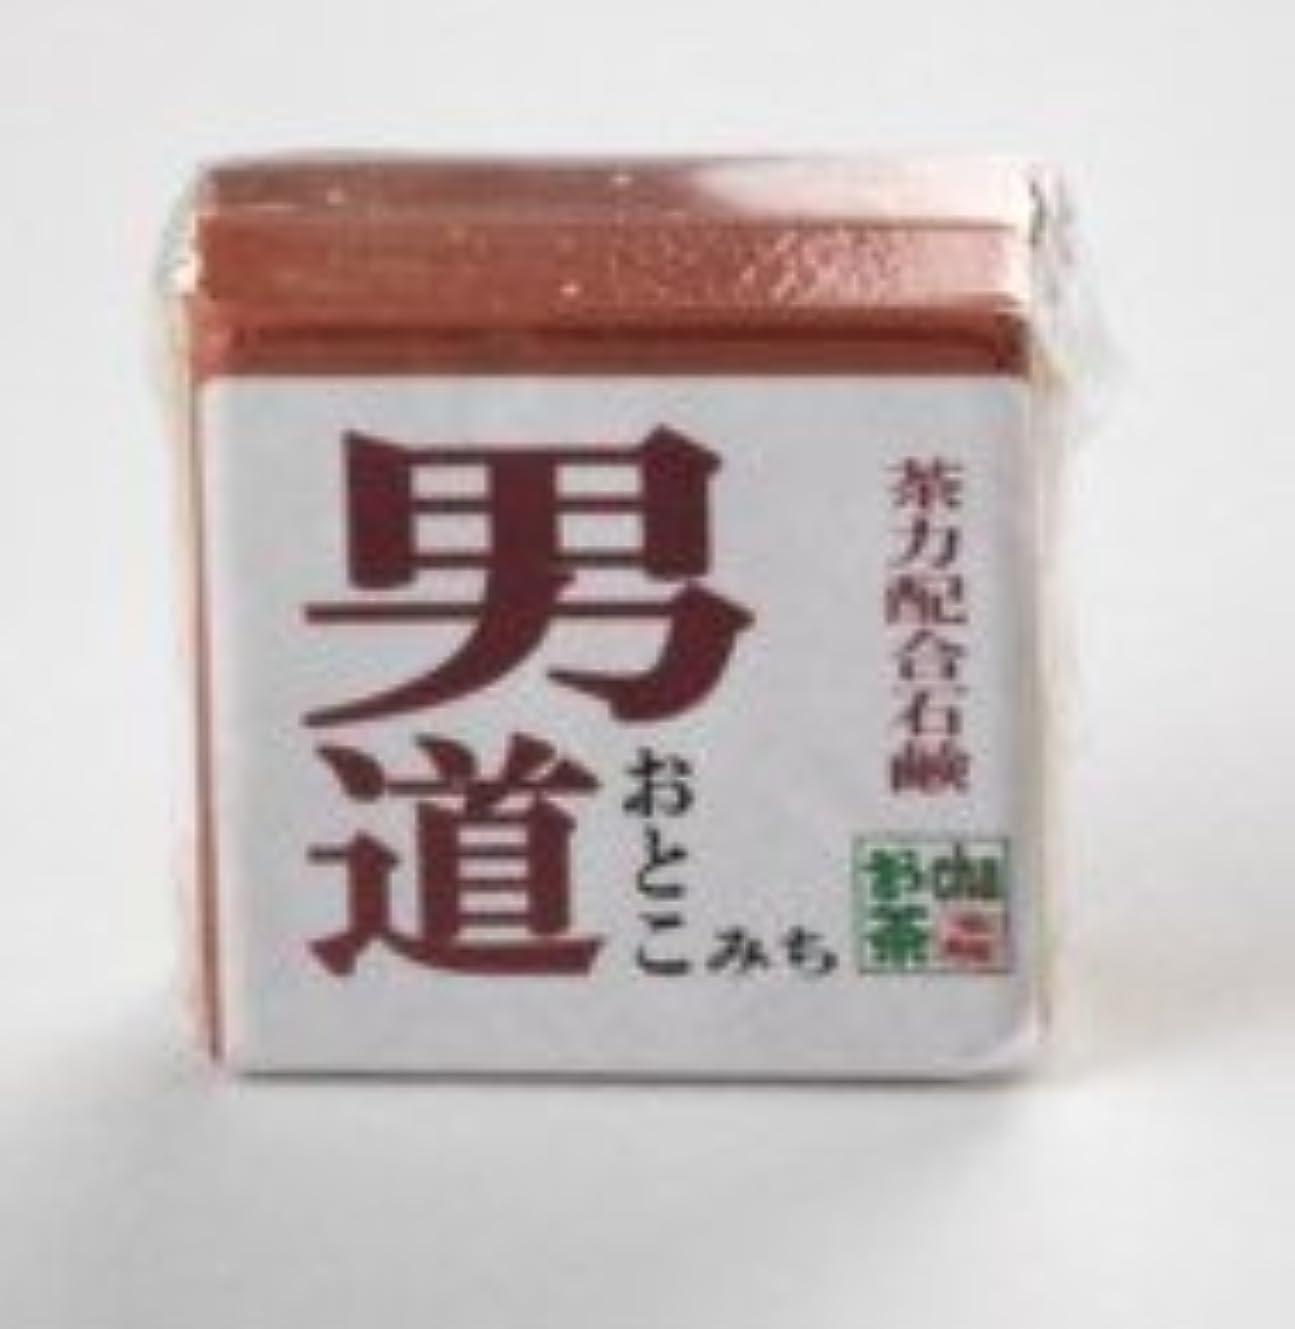 ブランド逆説によって男性用無添加石鹸 『 男 道 』(おとこみち) 115g固形タイプ 抗菌力99.9%の日本初の無添加石鹸